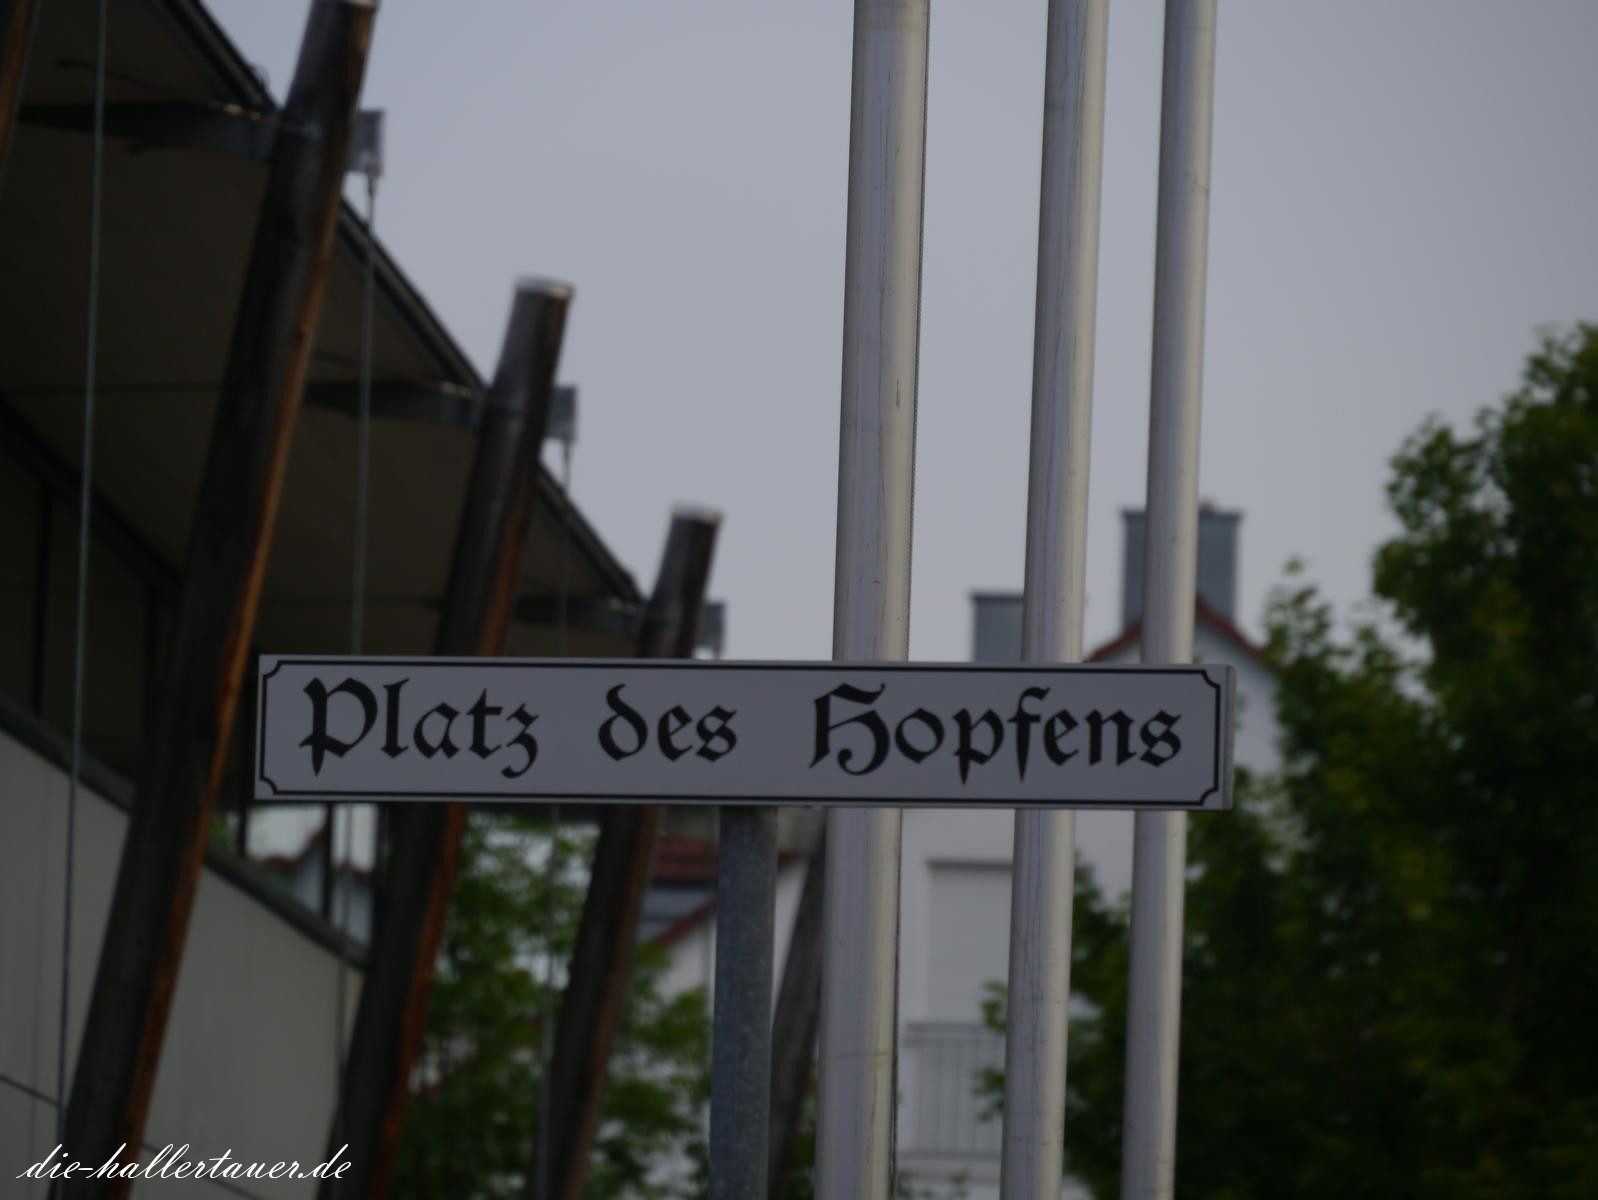 Platz des Hopfens